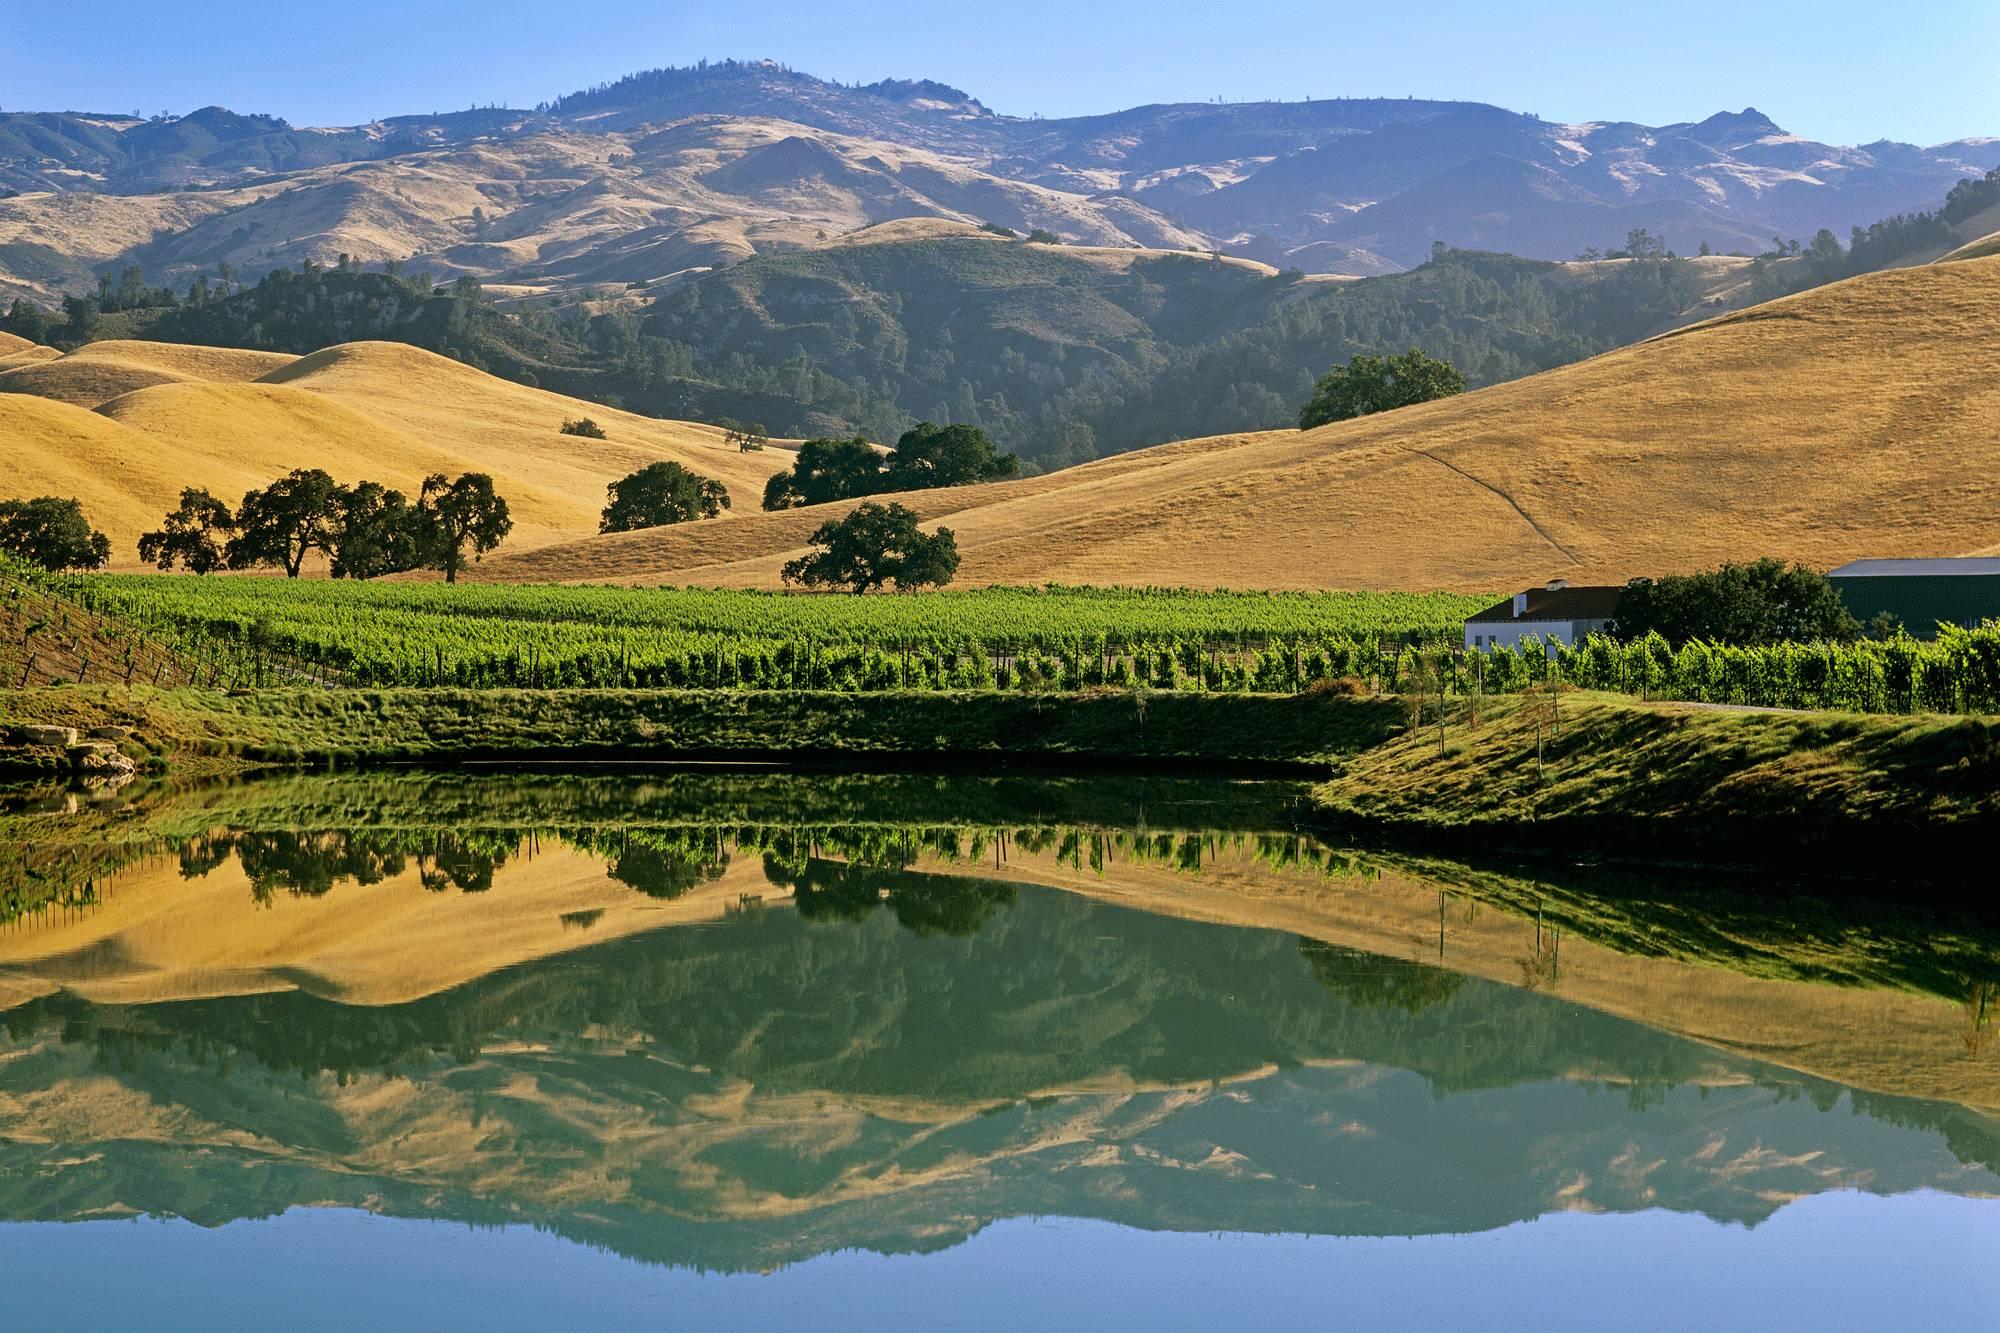 加州 山谷间的杯酒人生